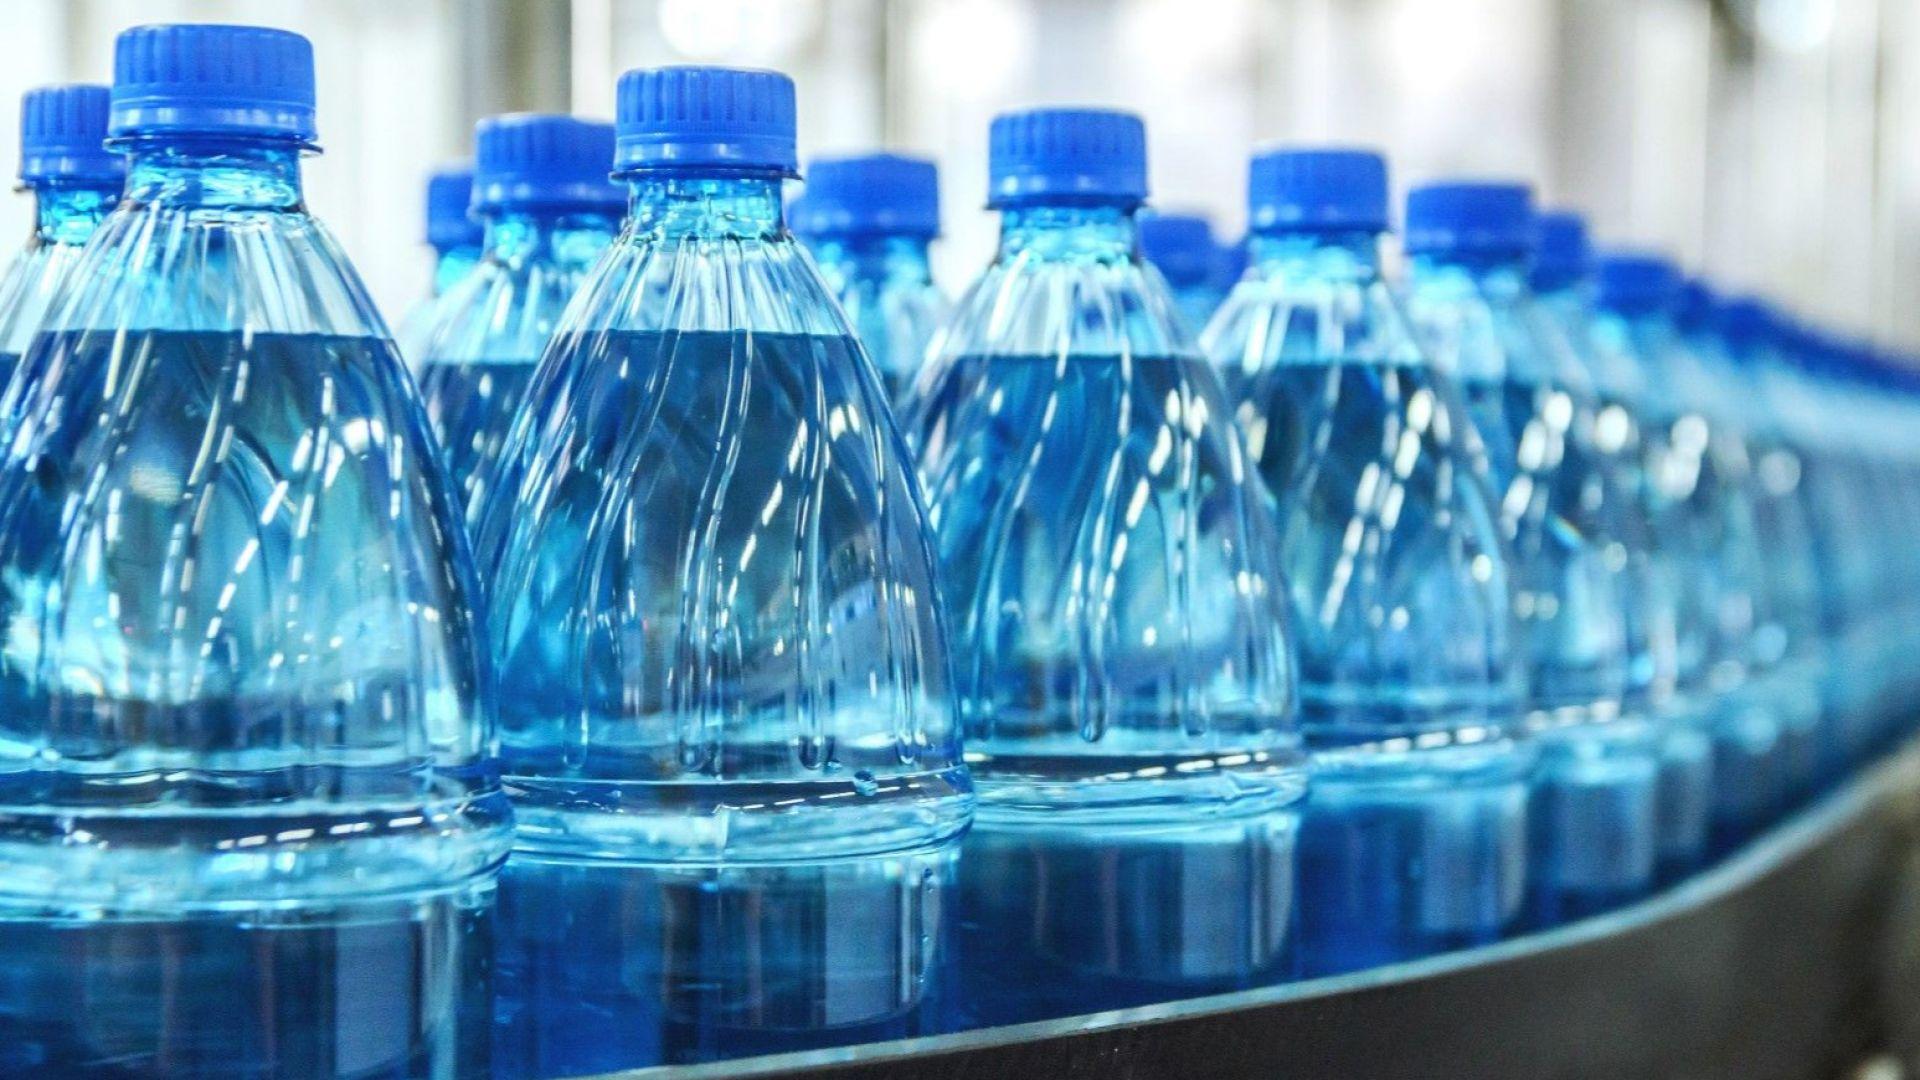 ЕК забранява пластмасовите сламки, прибори и бутилки